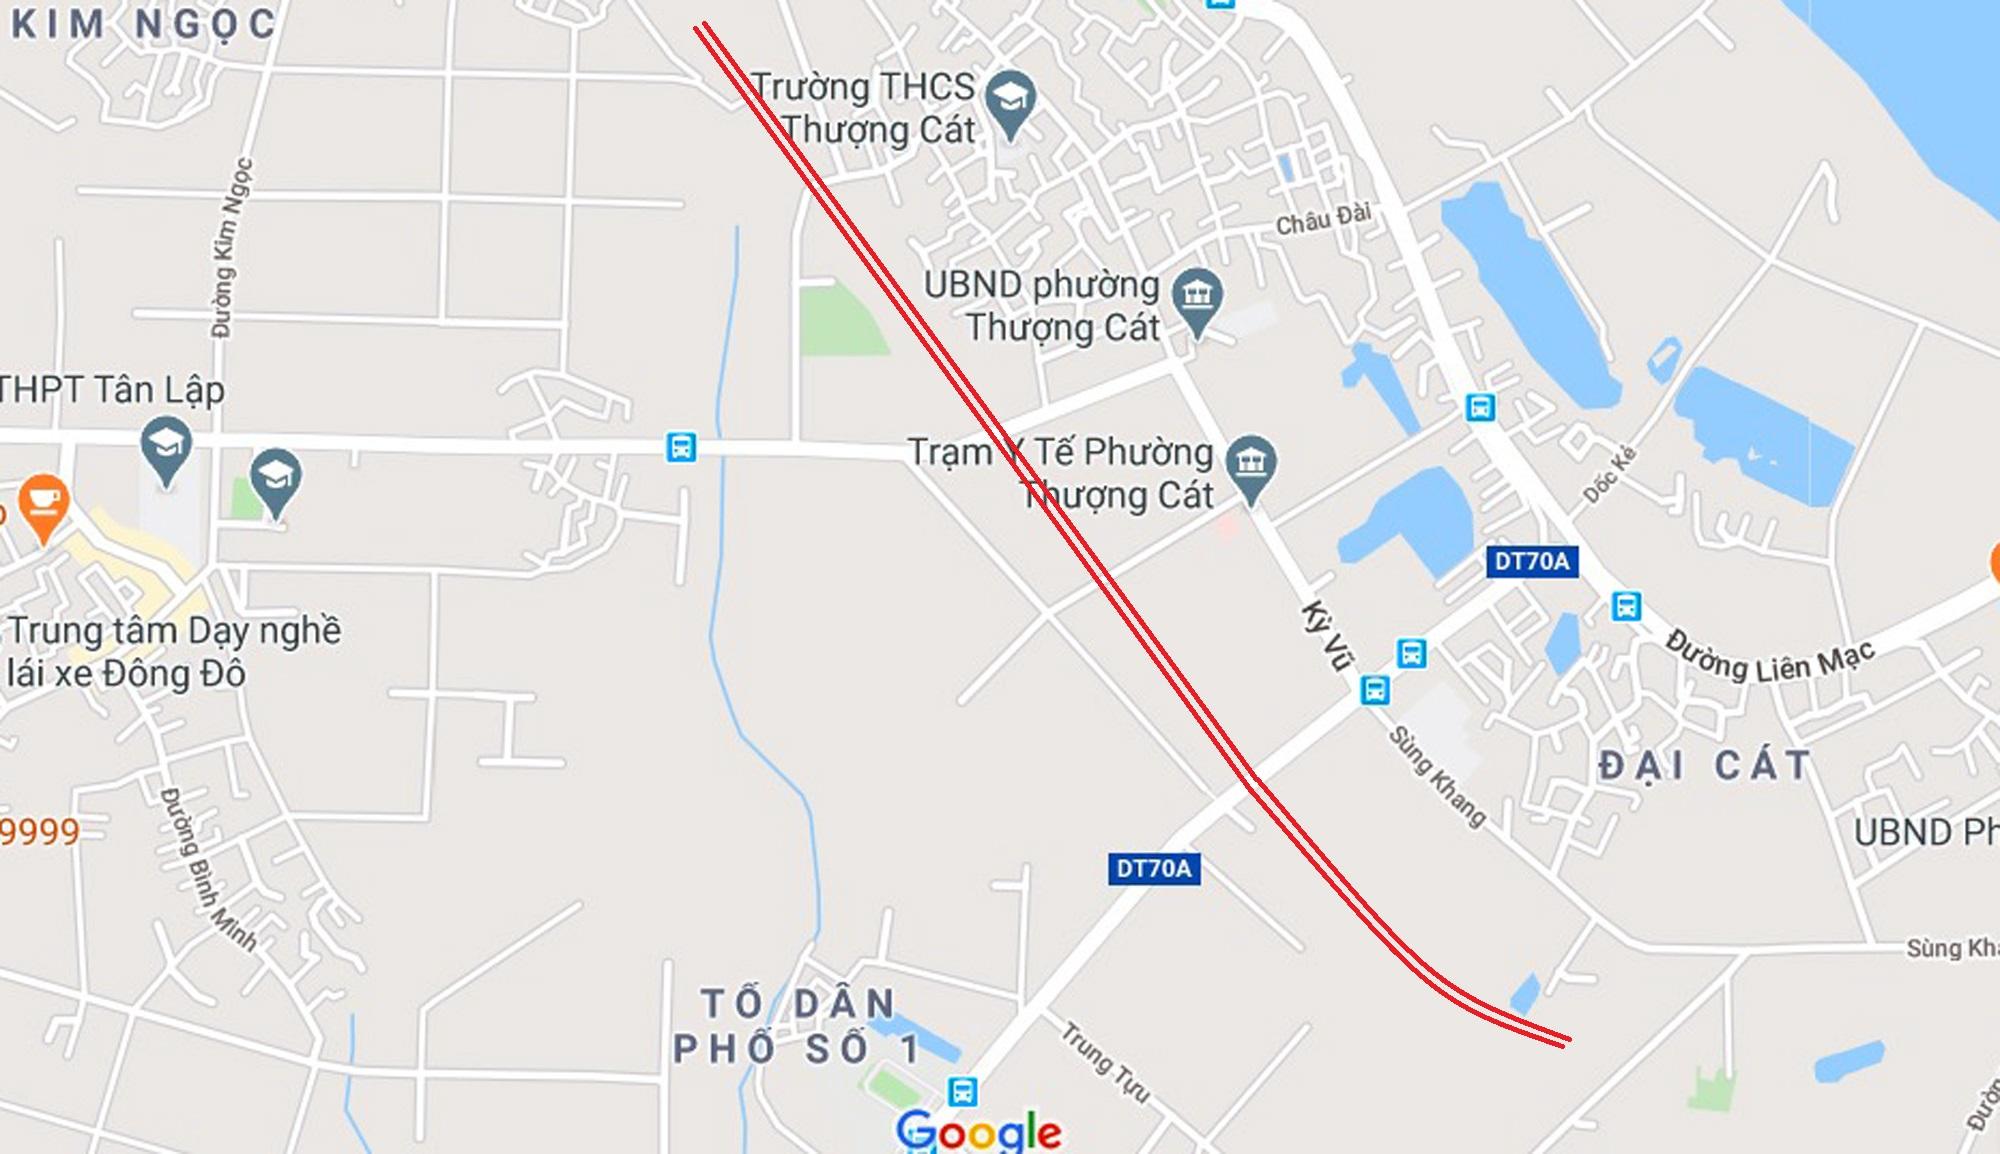 đường sẽ mở theo qui hoạch ở phường Thượng Cát, Bắc Từ Liêm, Hà Nội - Ảnh 2.